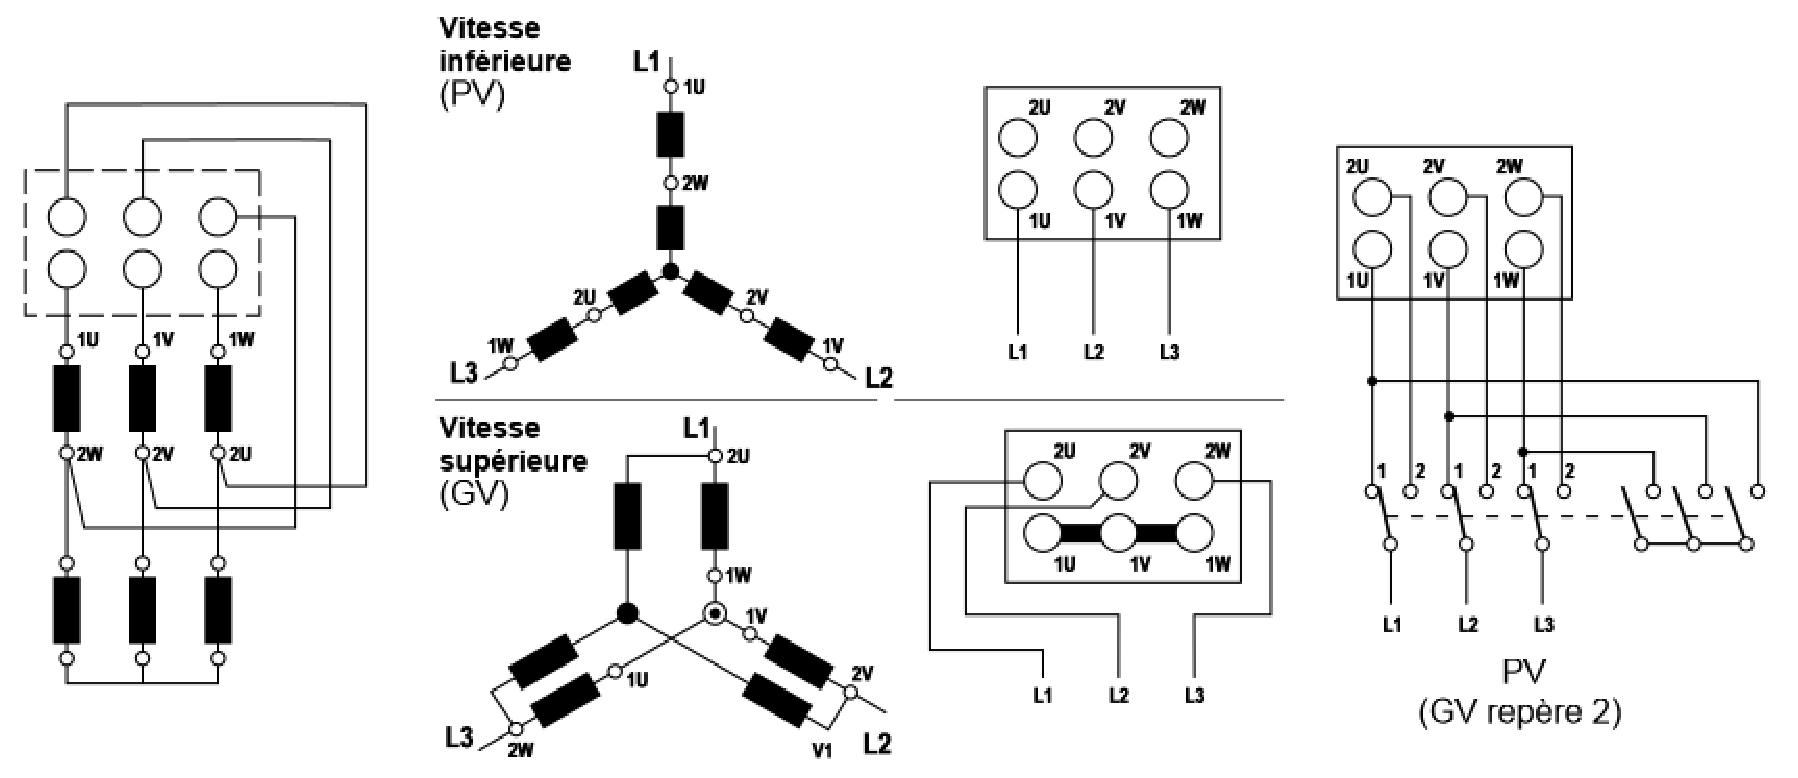 dahlander motor wiring diagram